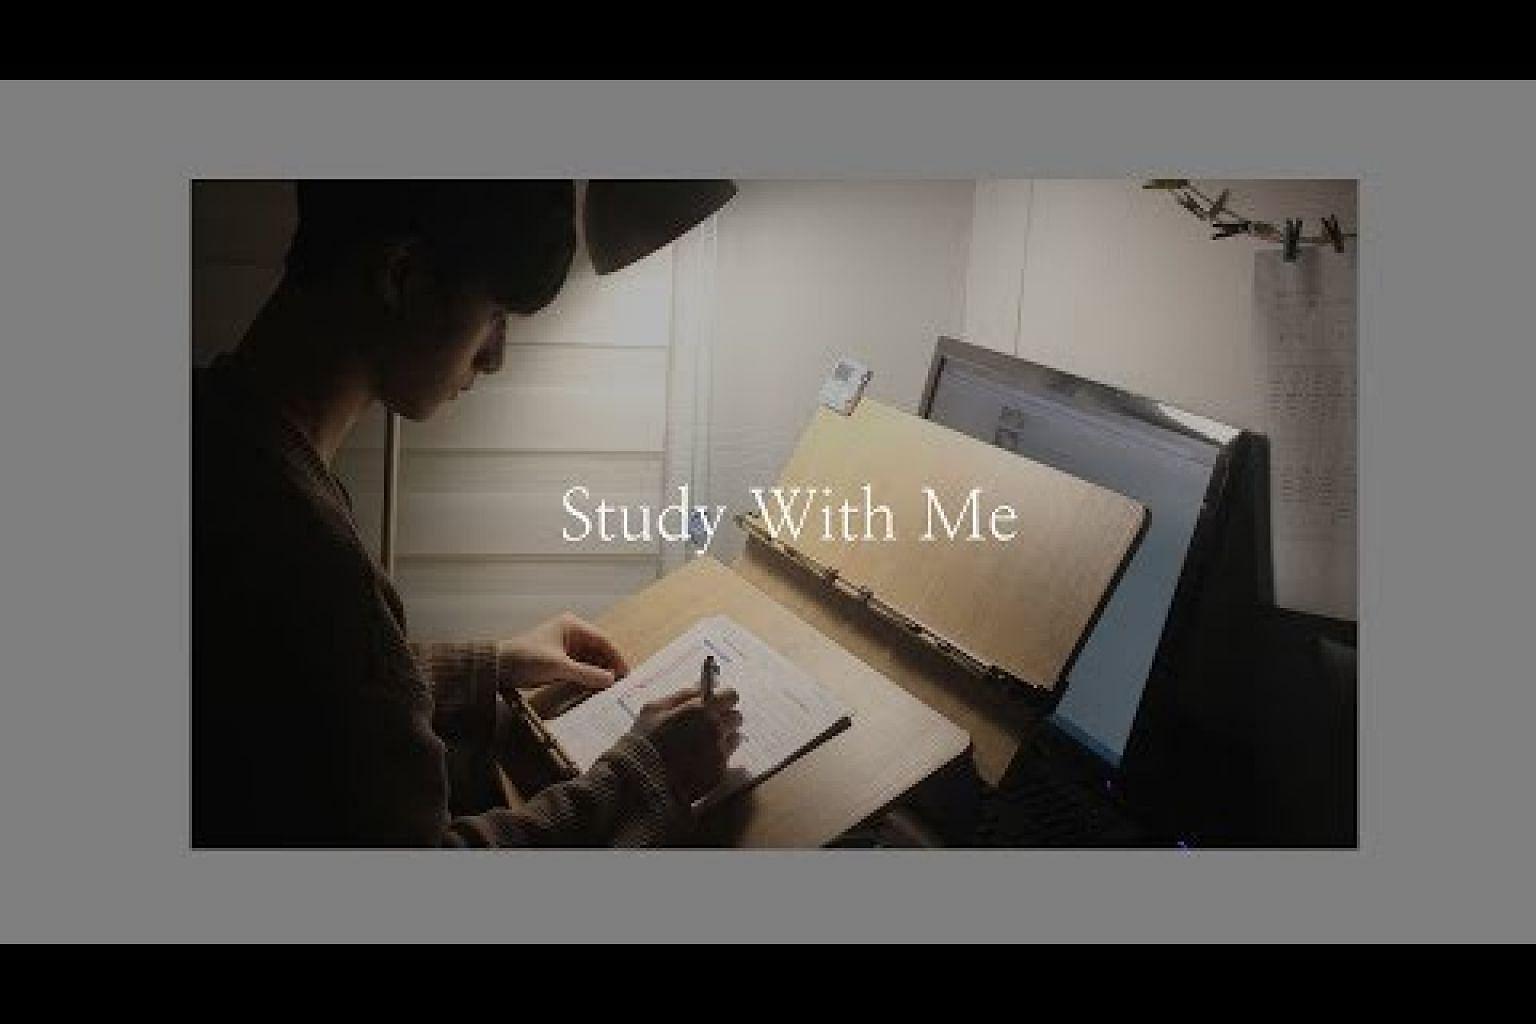 같이 공부해요/study with me/빗소리or장작타는소리